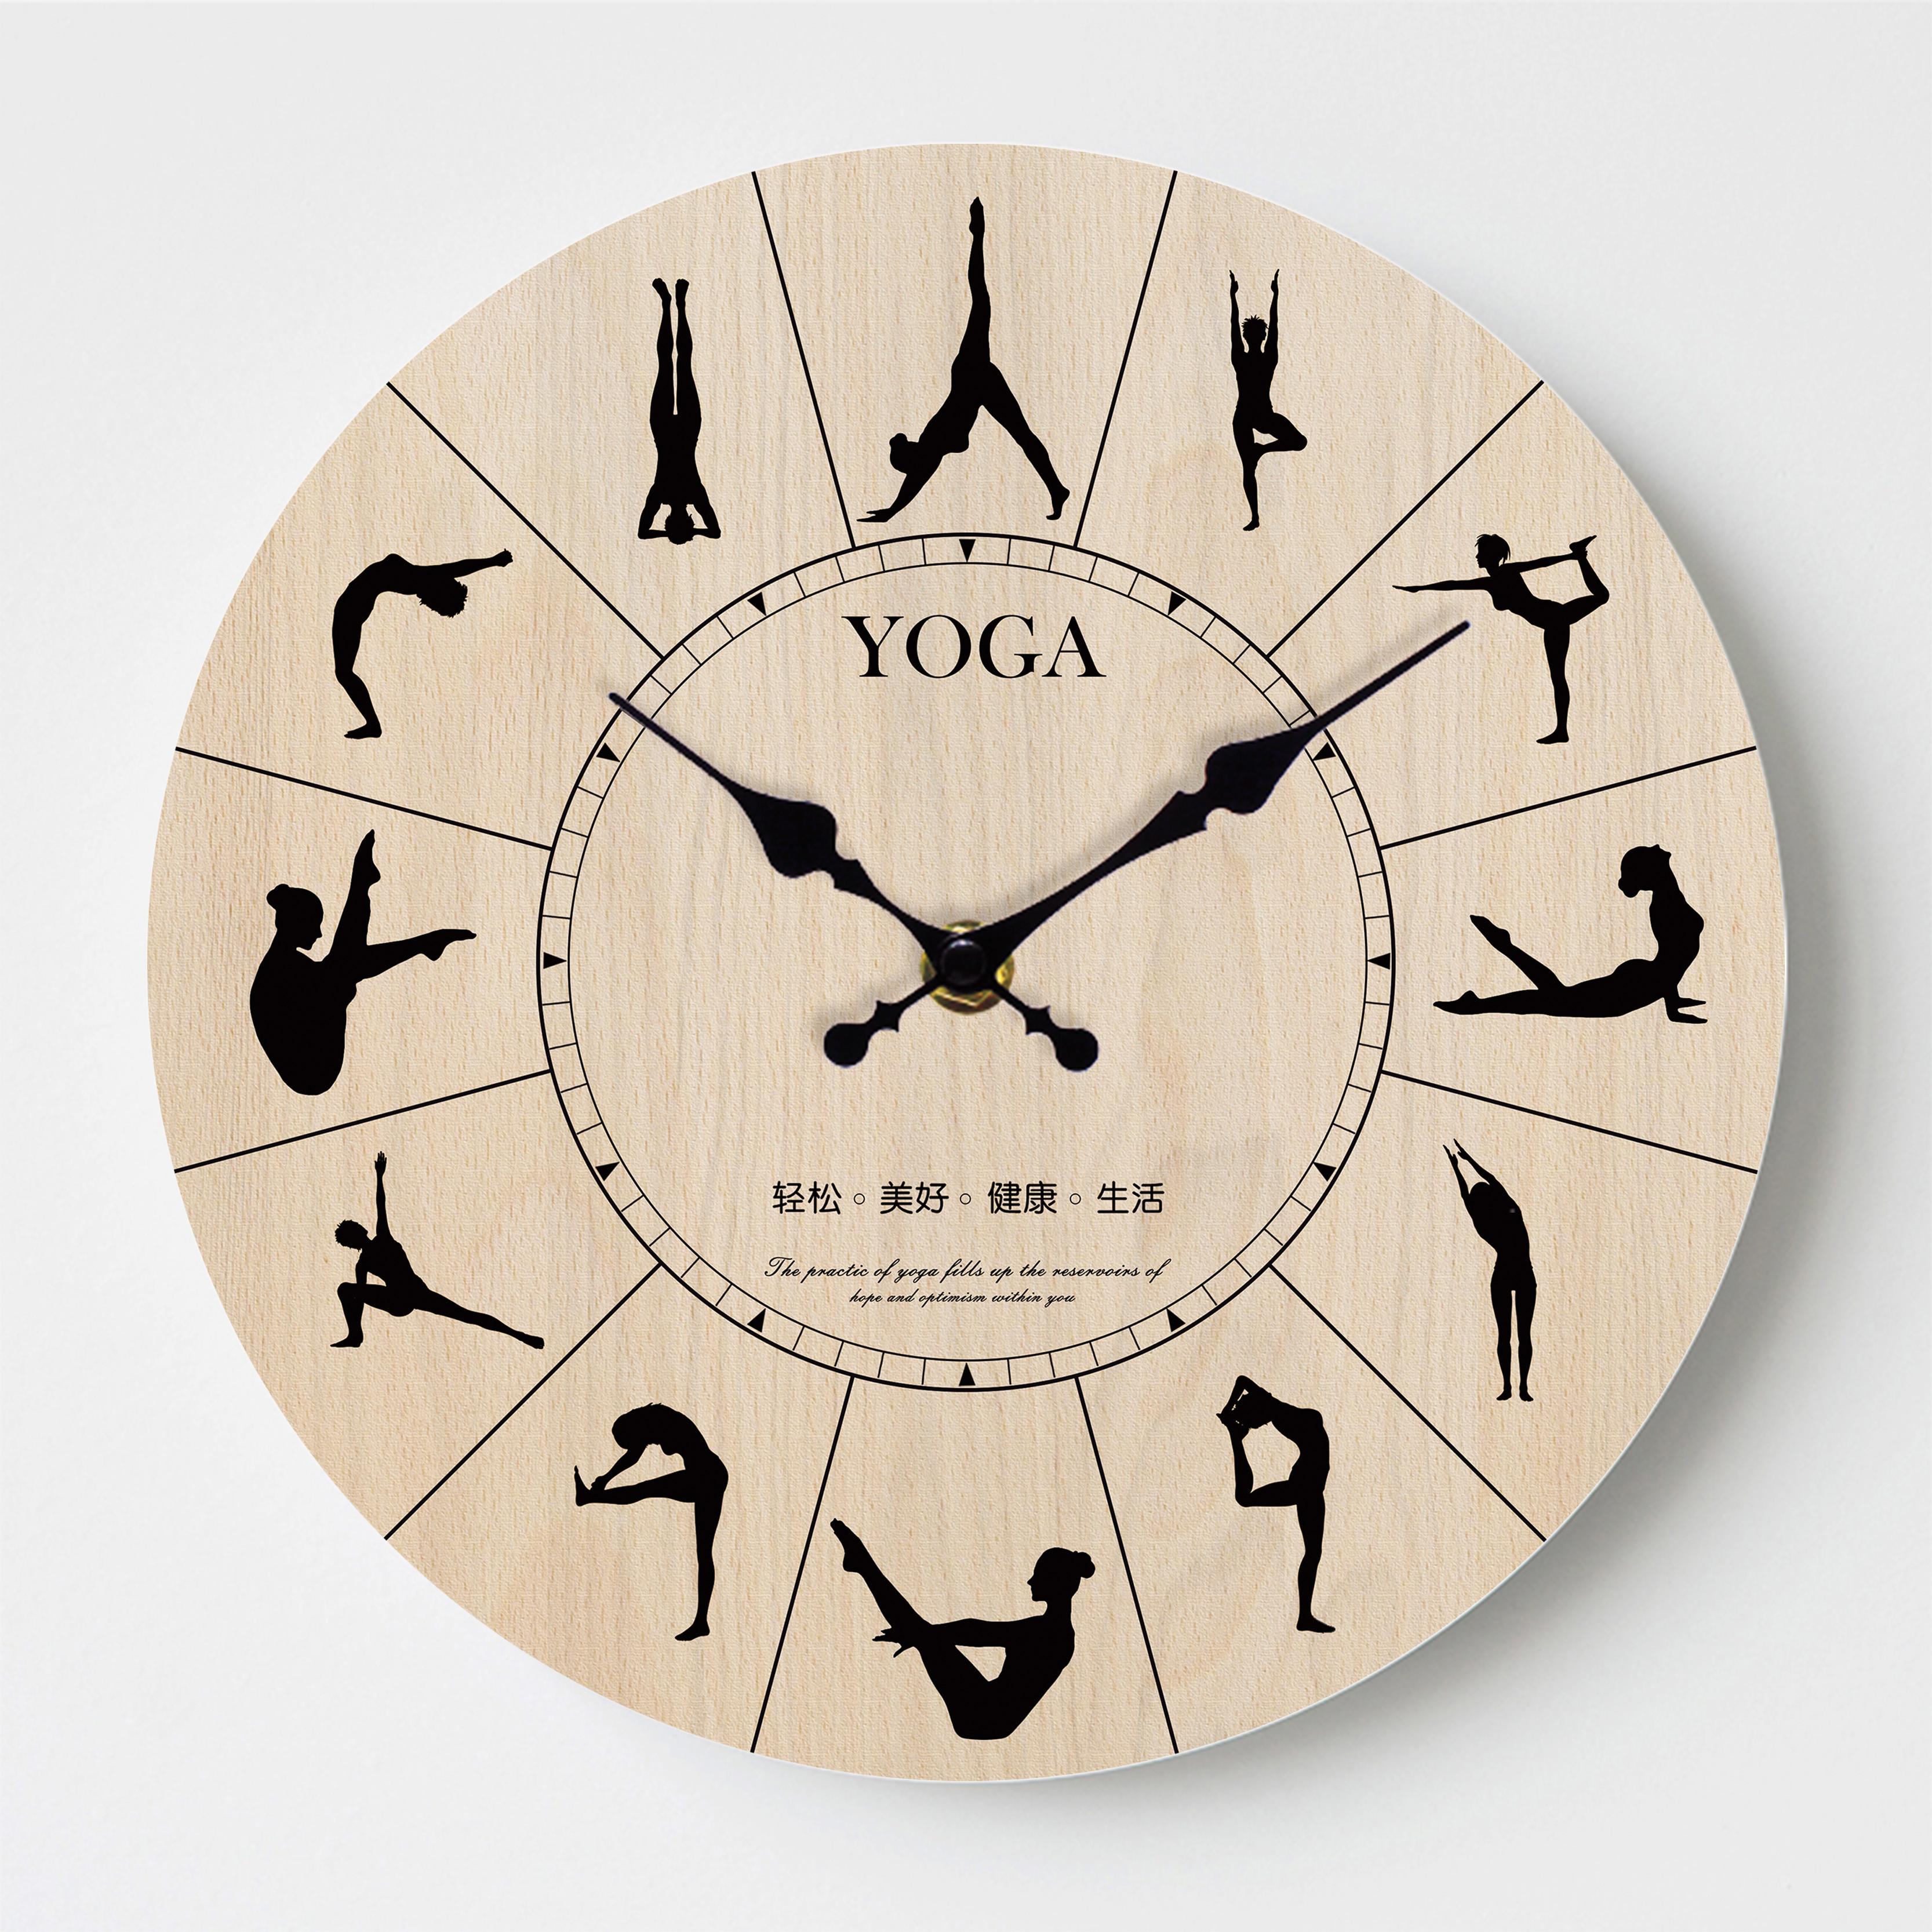 原创瑜伽馆教室舞蹈时钟北欧客厅简约静音创意挂钟健身房装饰钟表